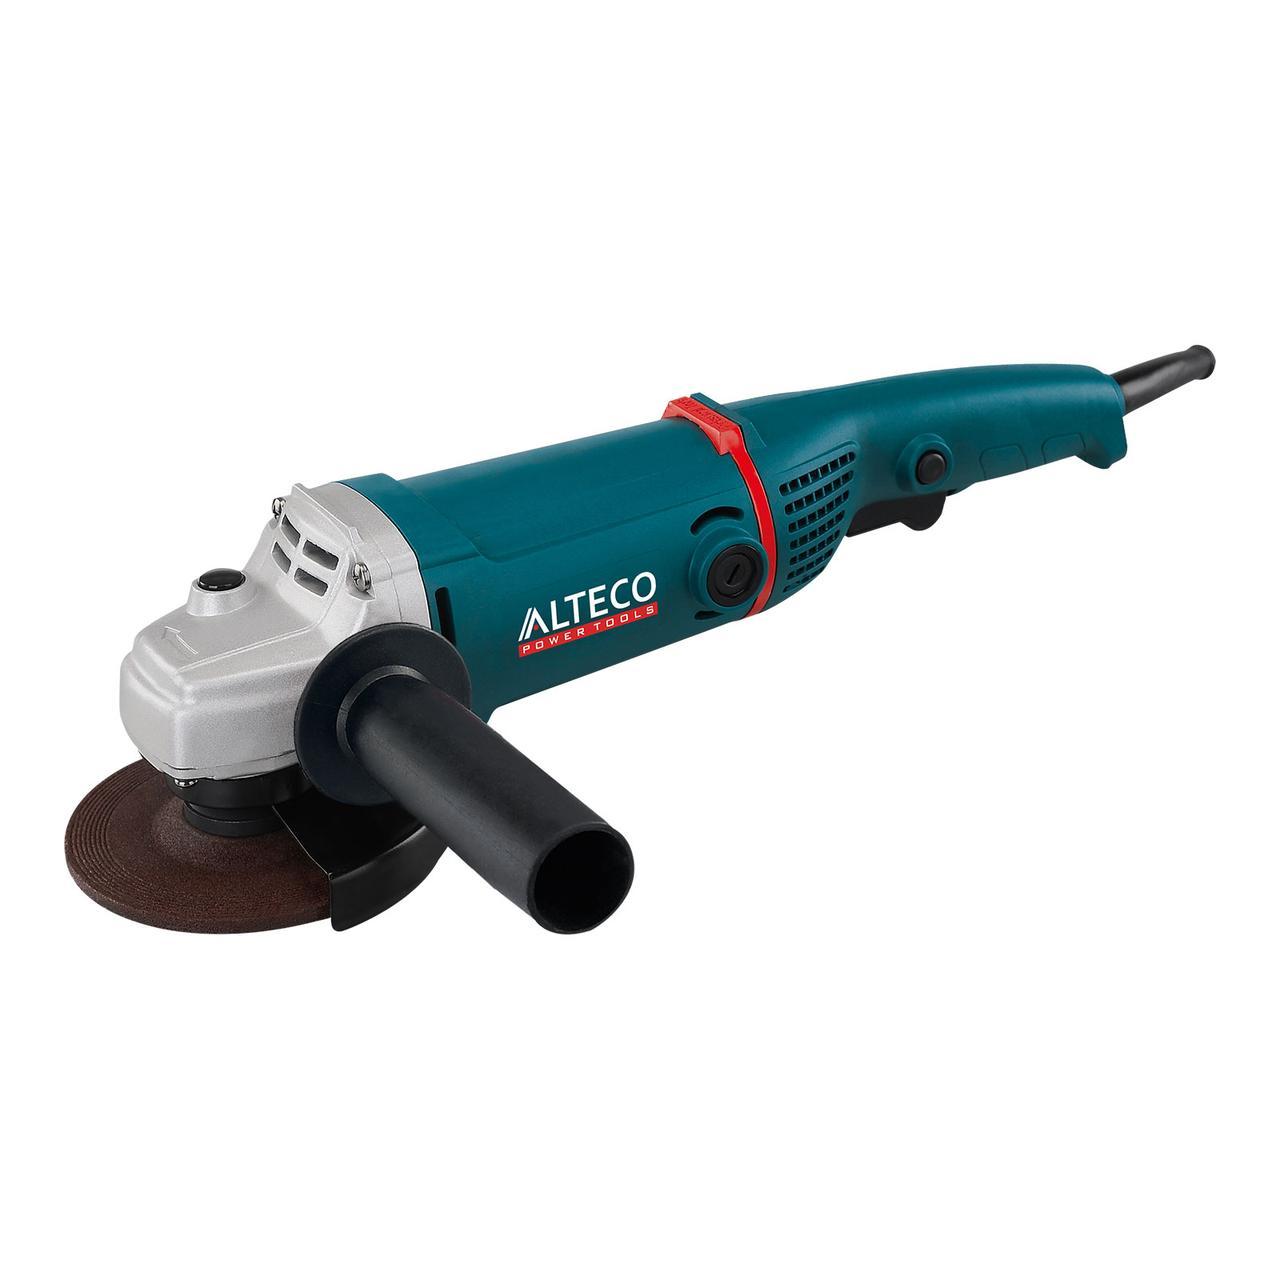 ALTECO AG 1800-180 Угловая шлифмашина